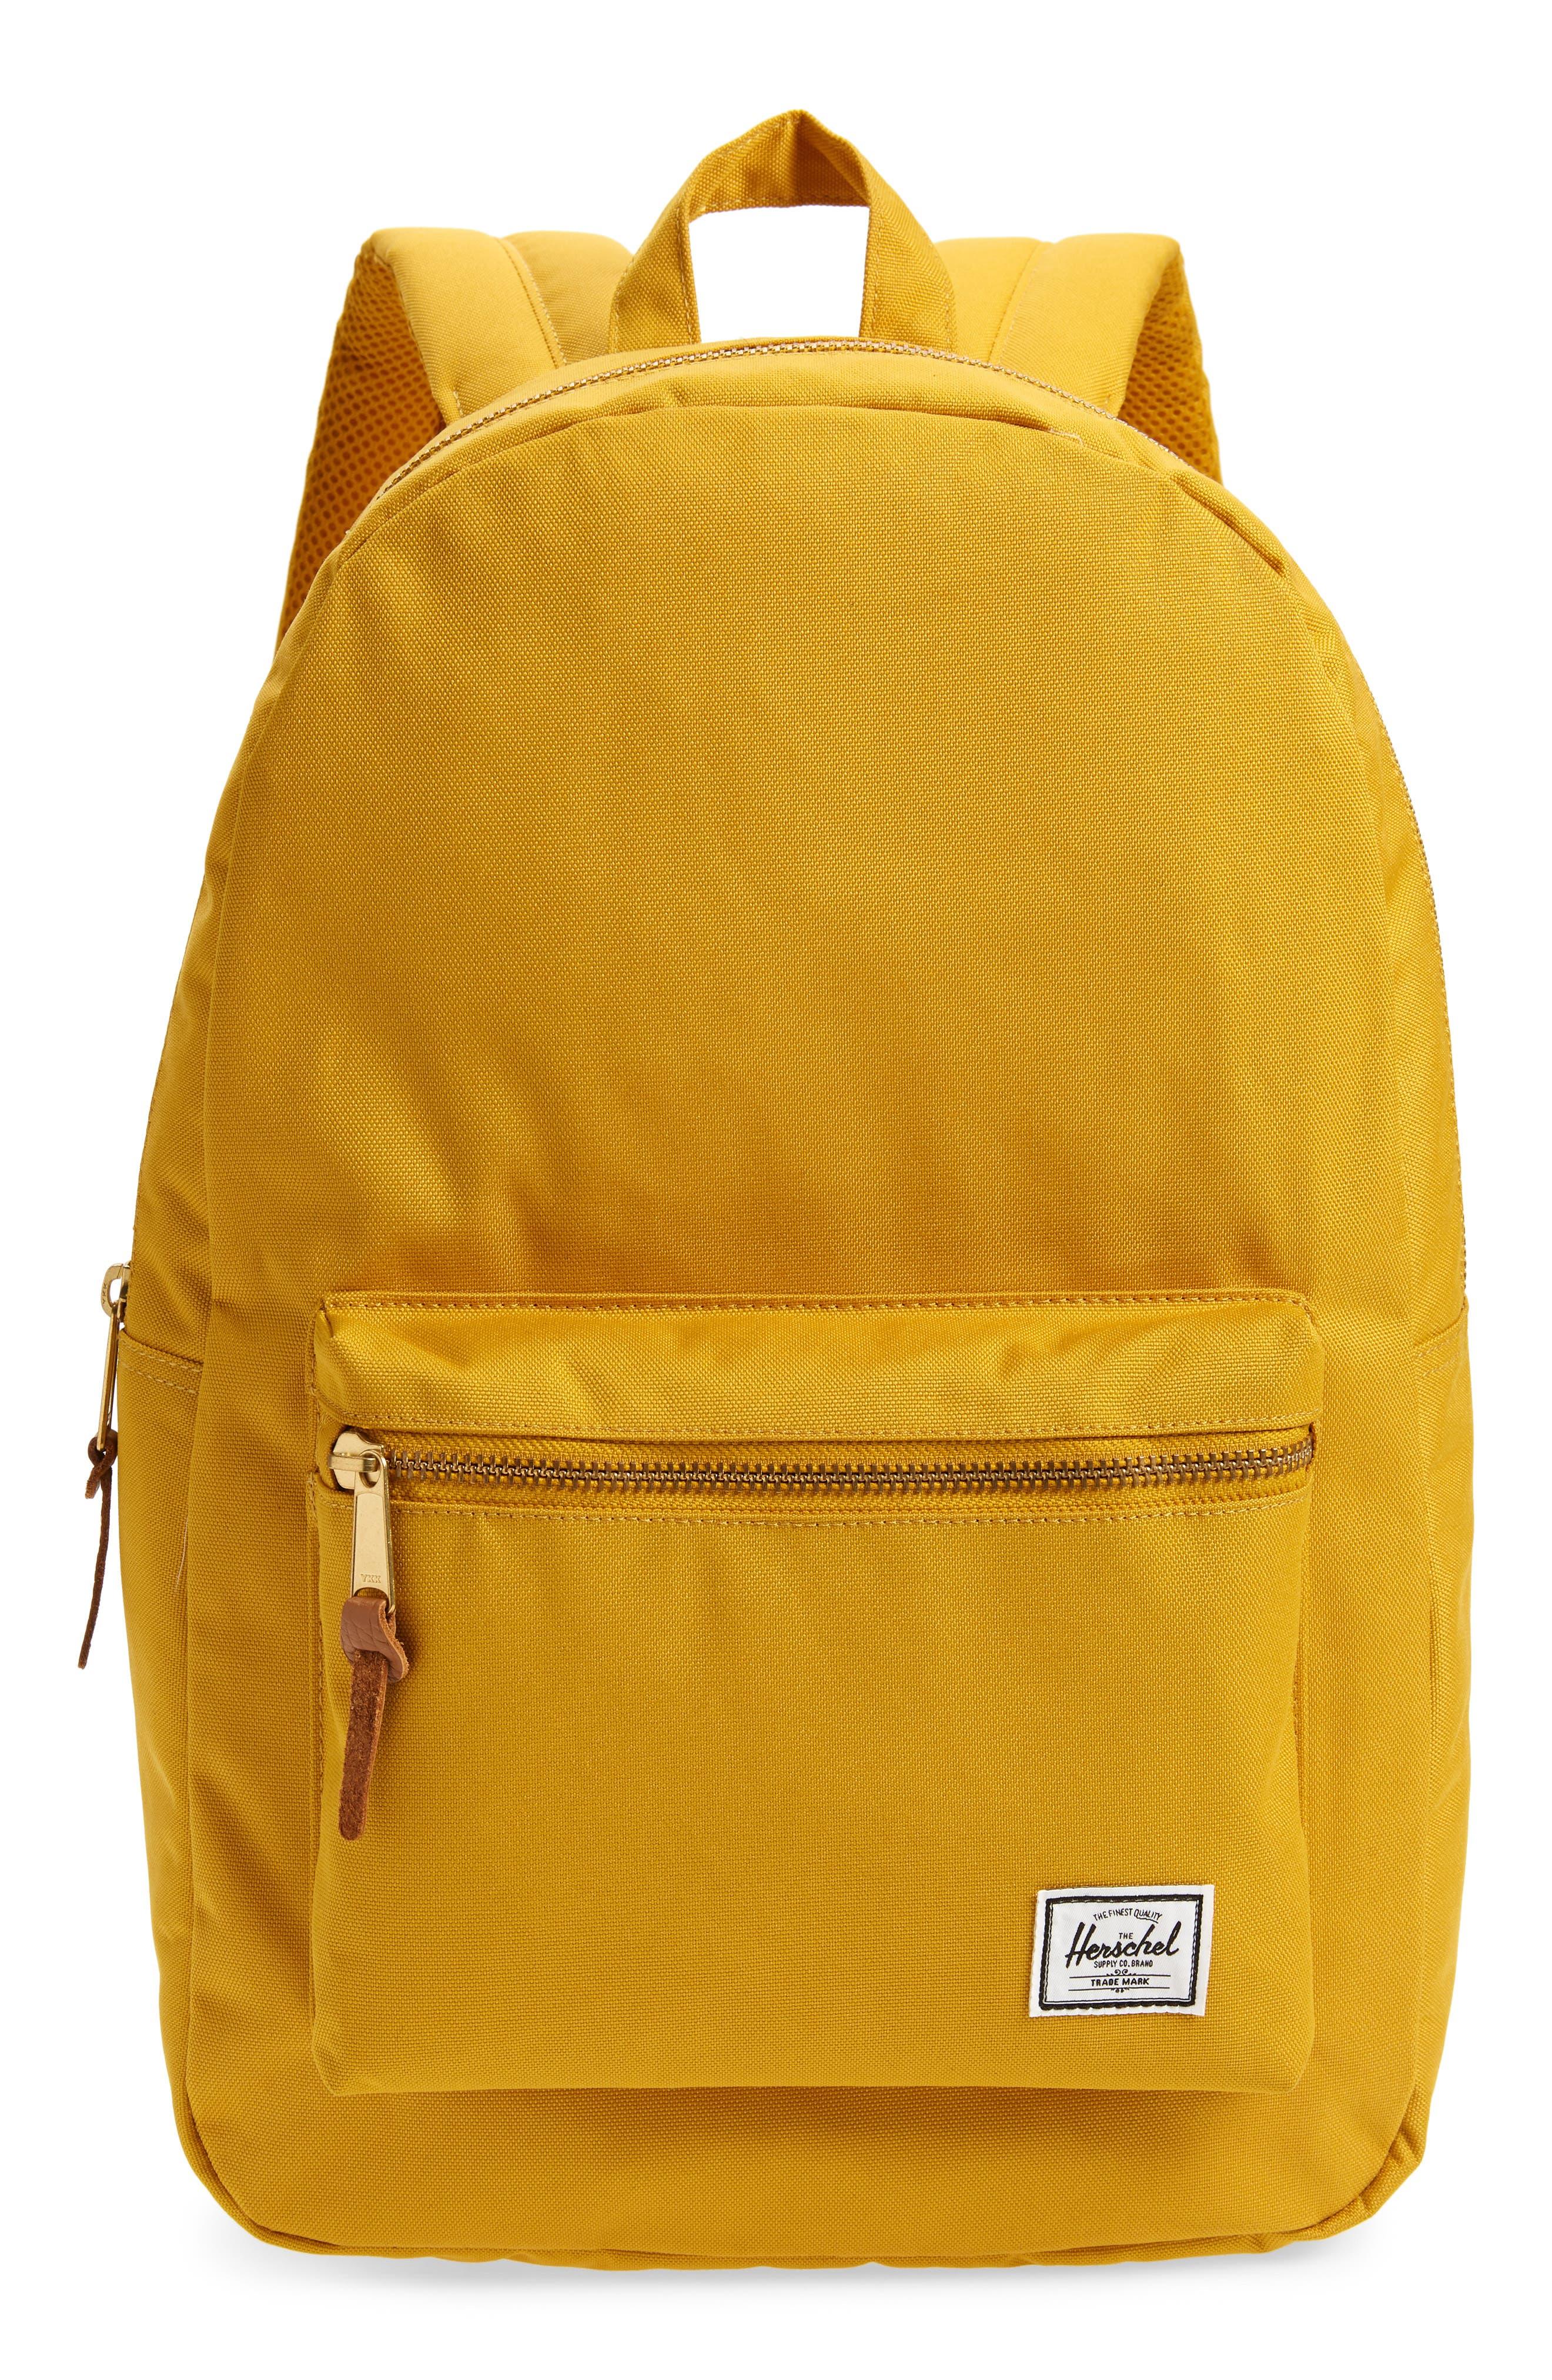 Herschel Supply Co. Settlement Backpack - Yellow